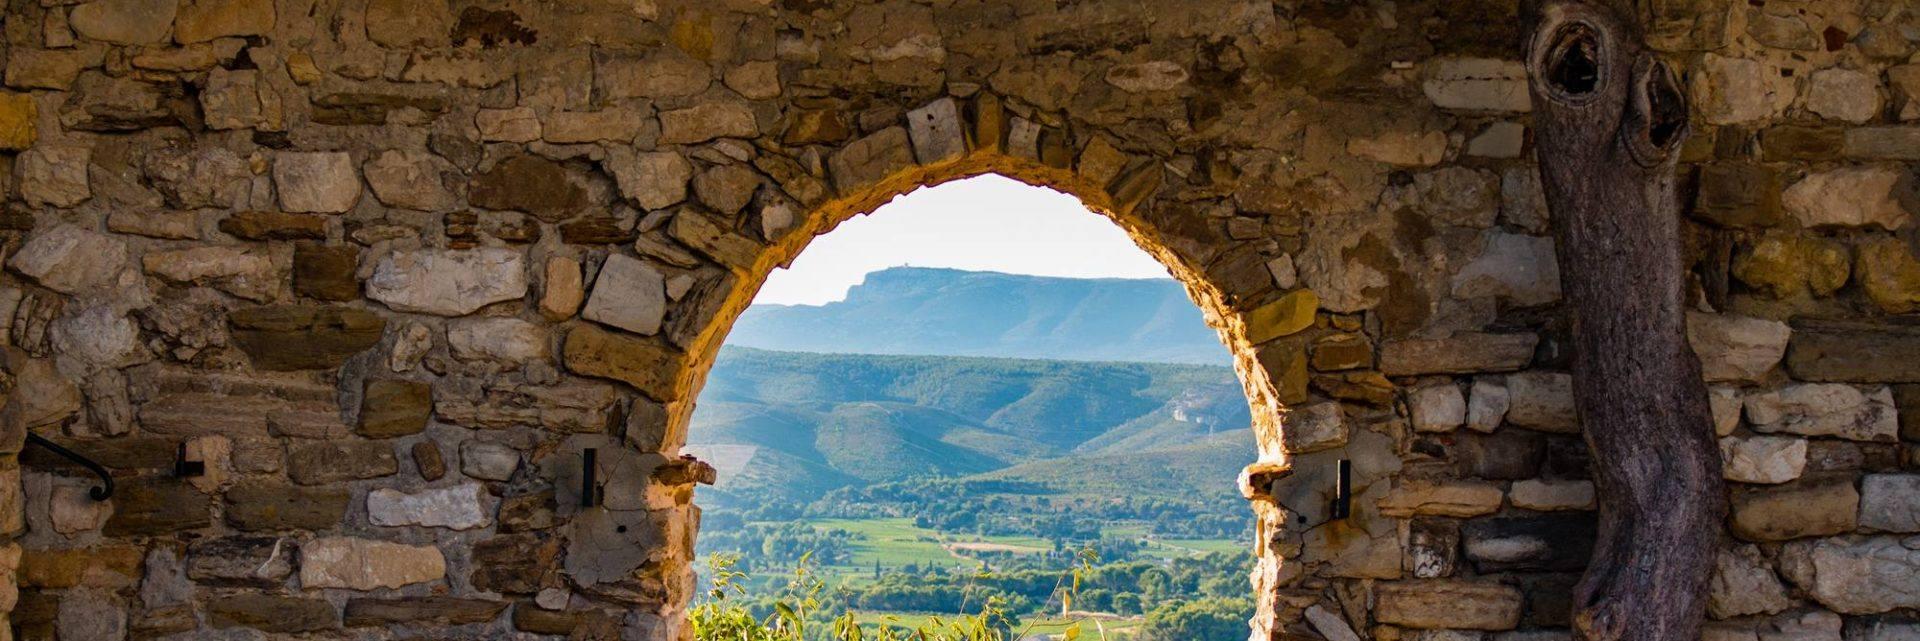 Le castellet et la sainte baume